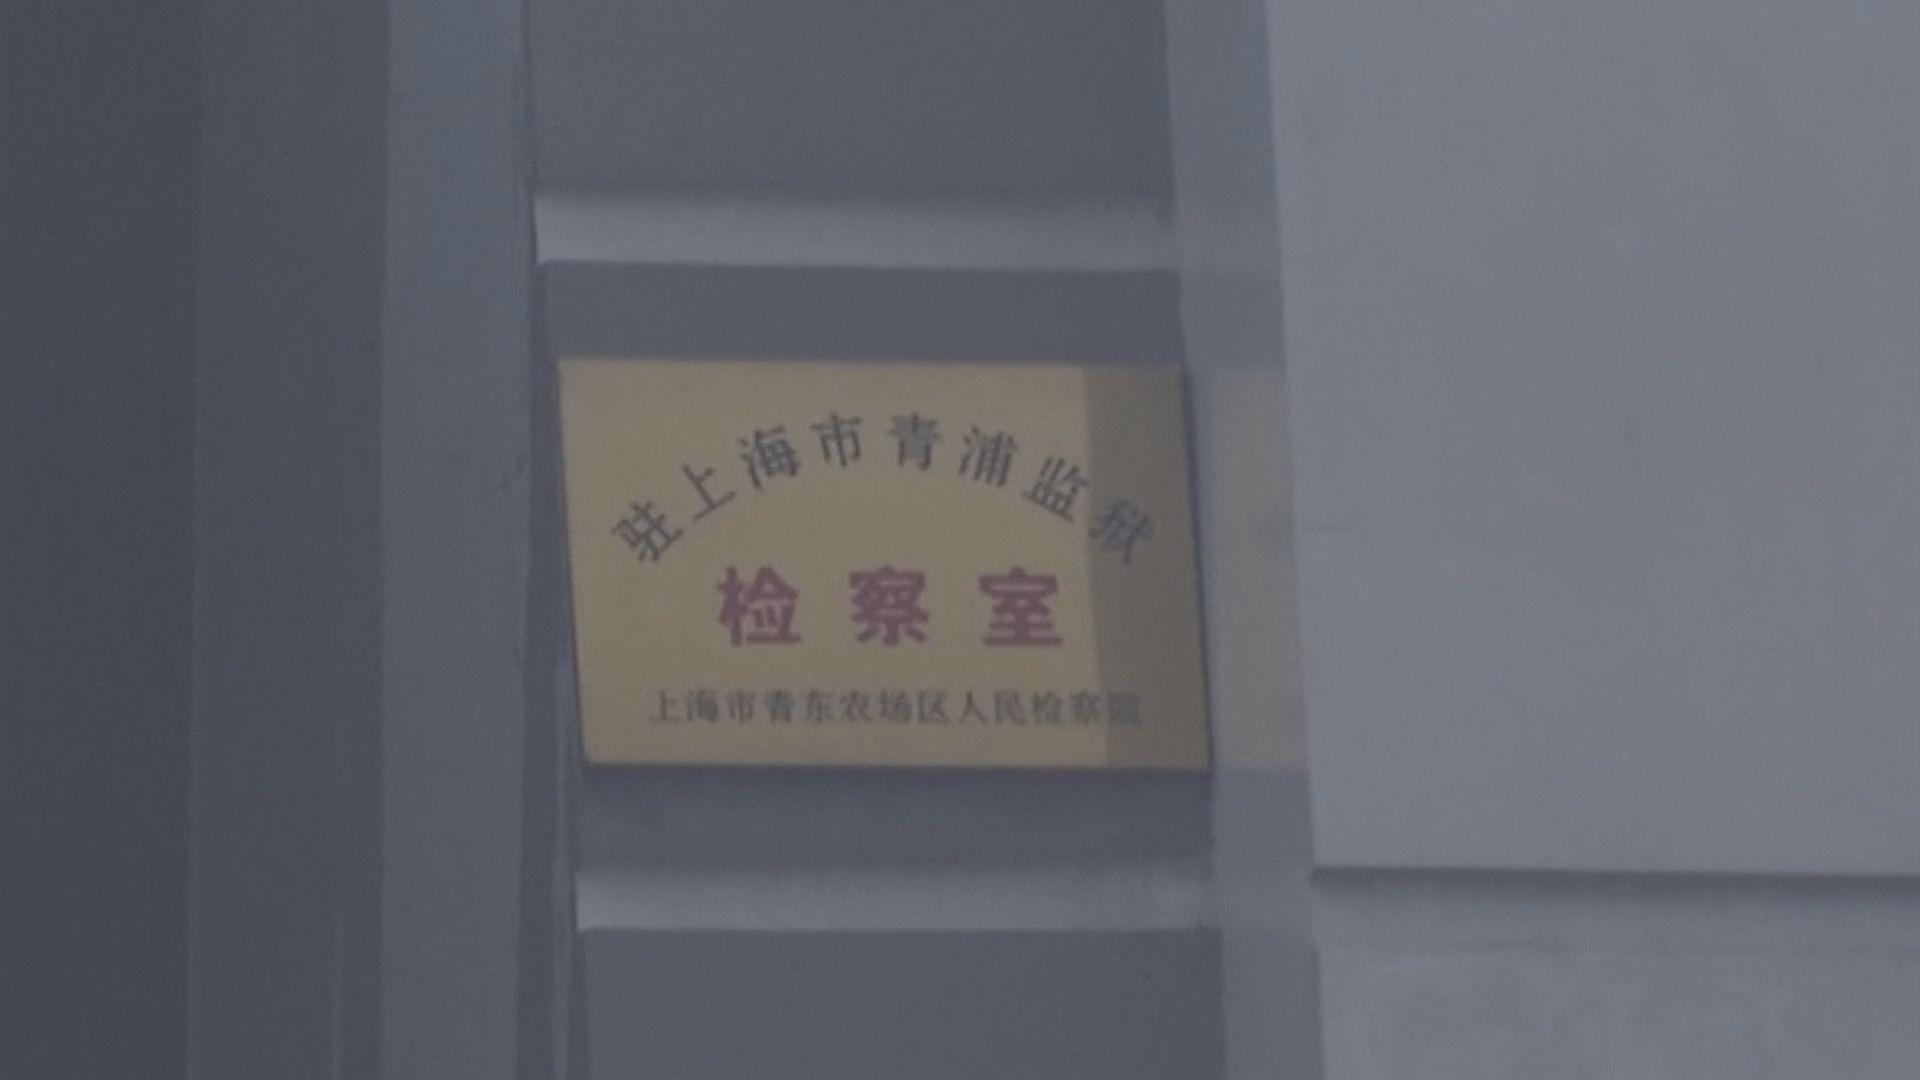 監獄逾二百人確診 山東省司法廳原黨委書記等11人被立案調查